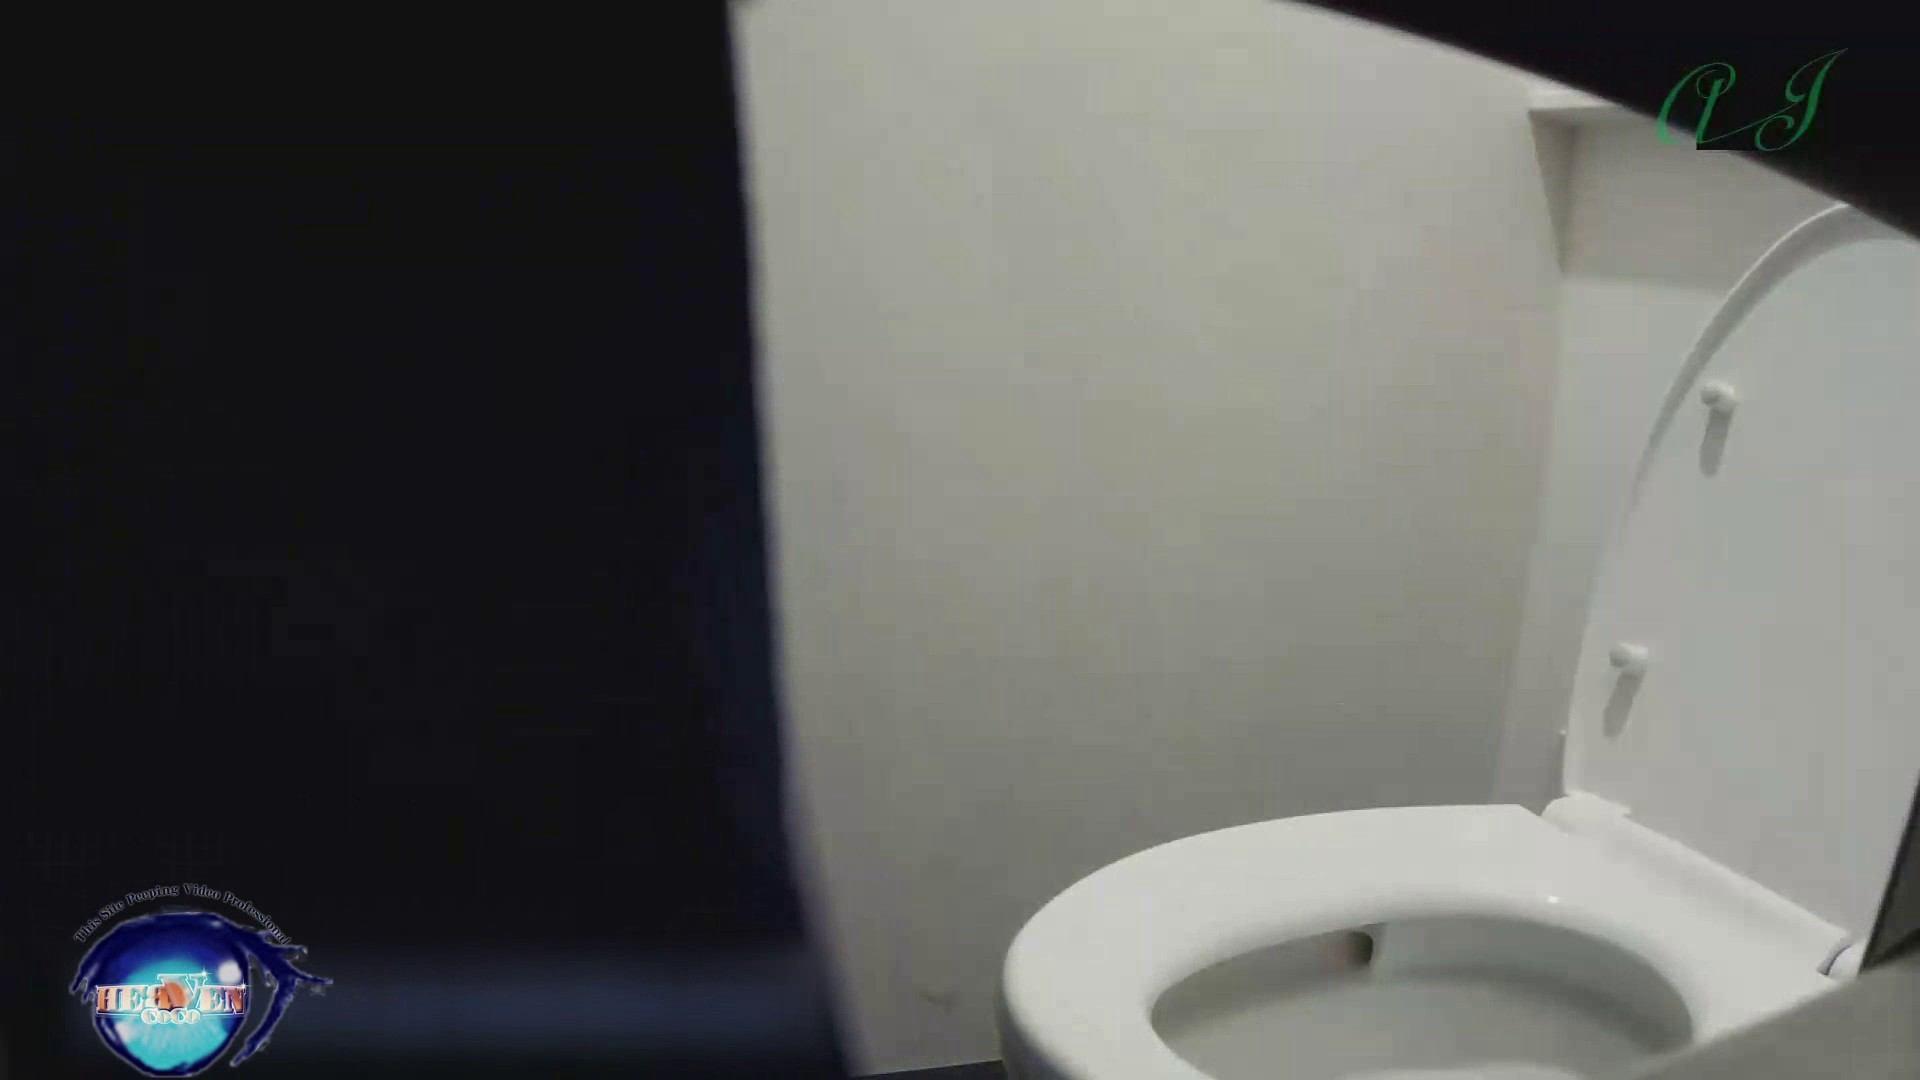 有名大学女性洗面所 vol.71 美女学生さんの潜入盗撮!前編 盗撮 おまんこ無修正動画無料 91PICs 52